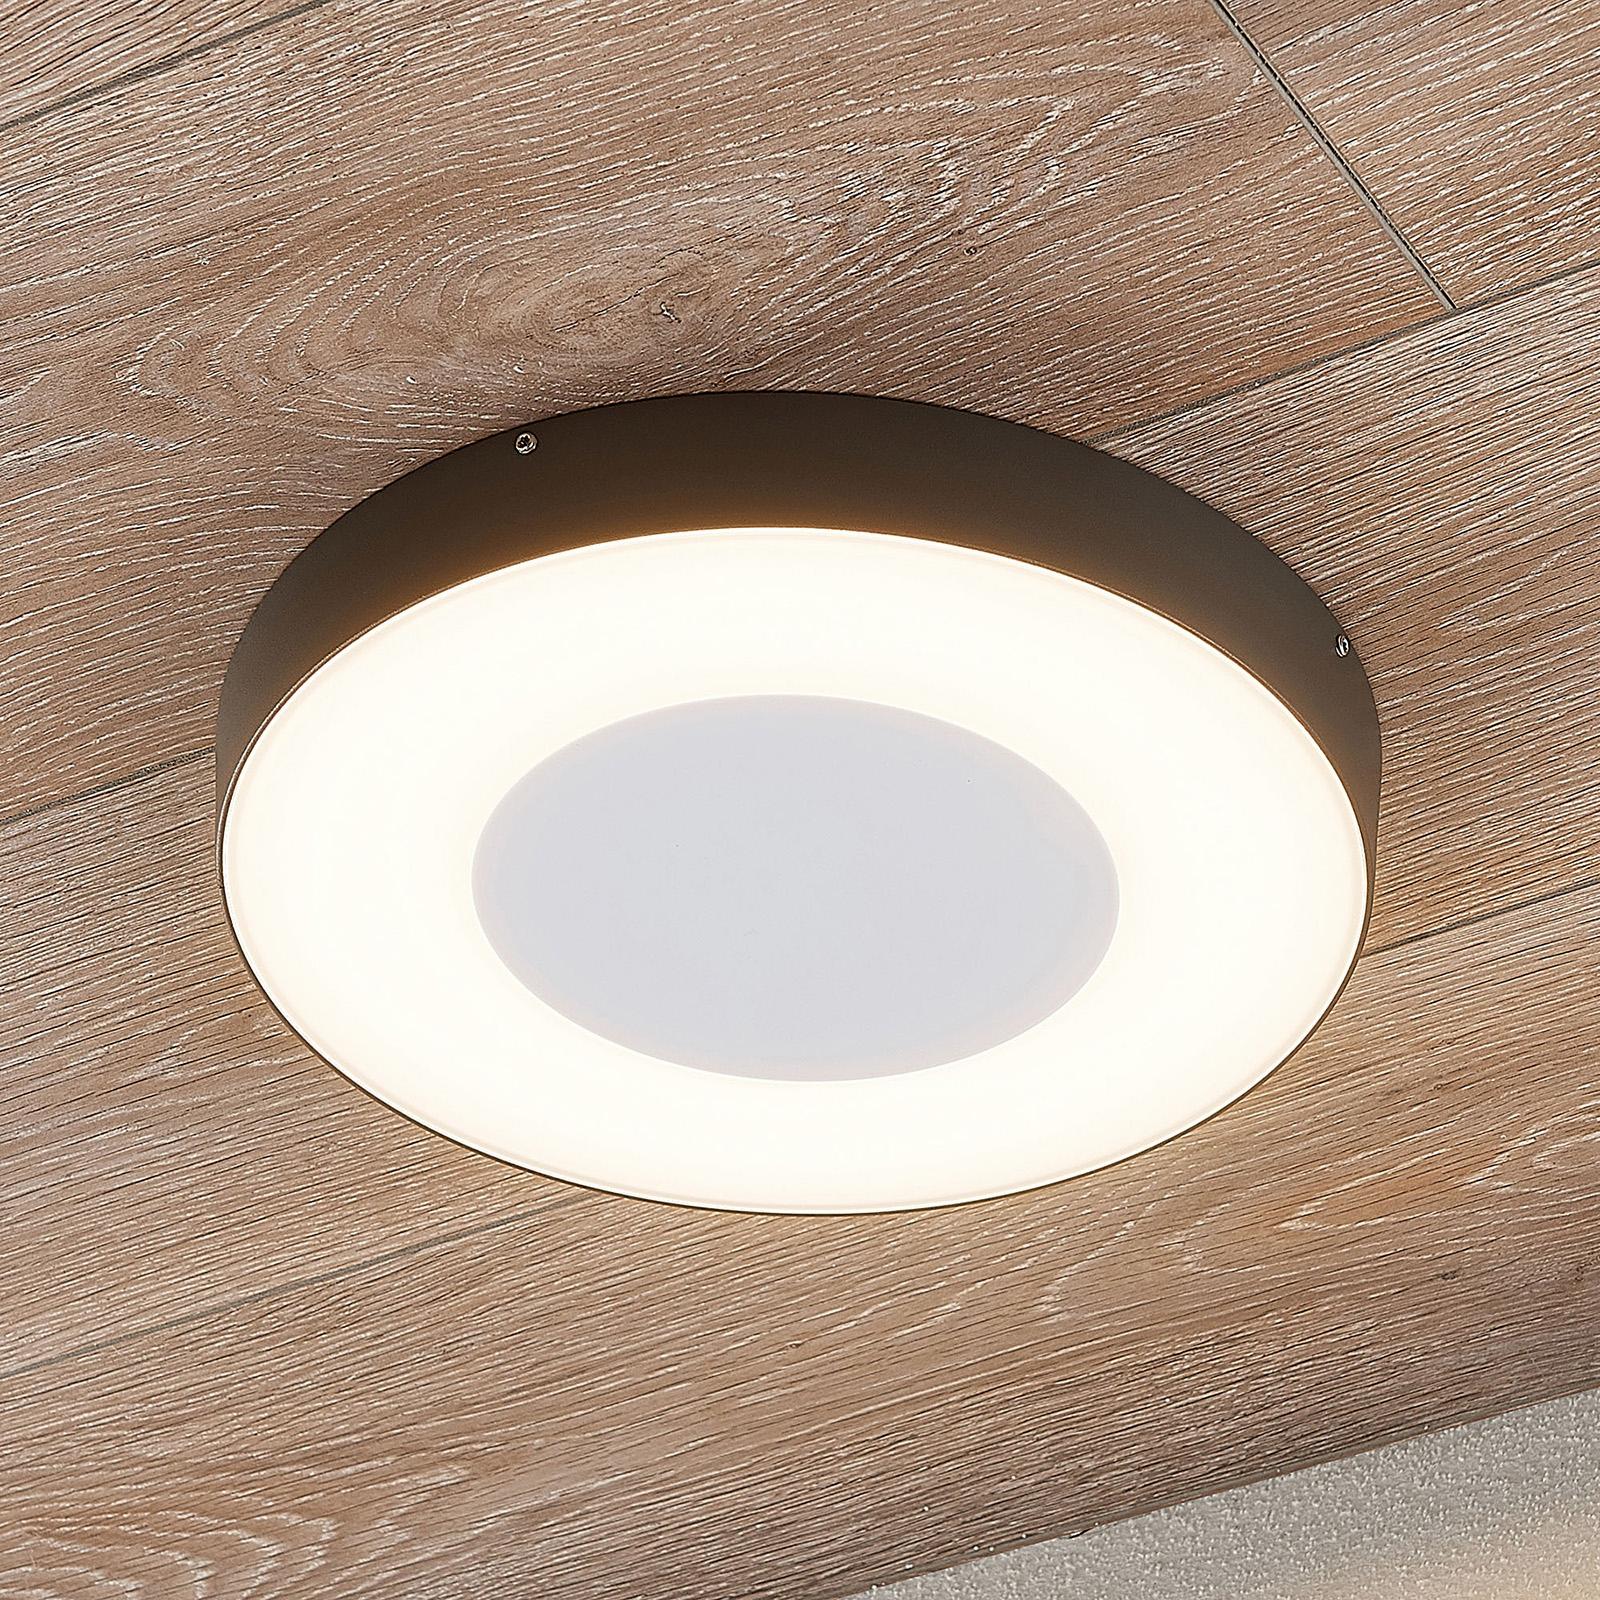 LED-ulkokattovalaisin Sora, pyöreä, sensori